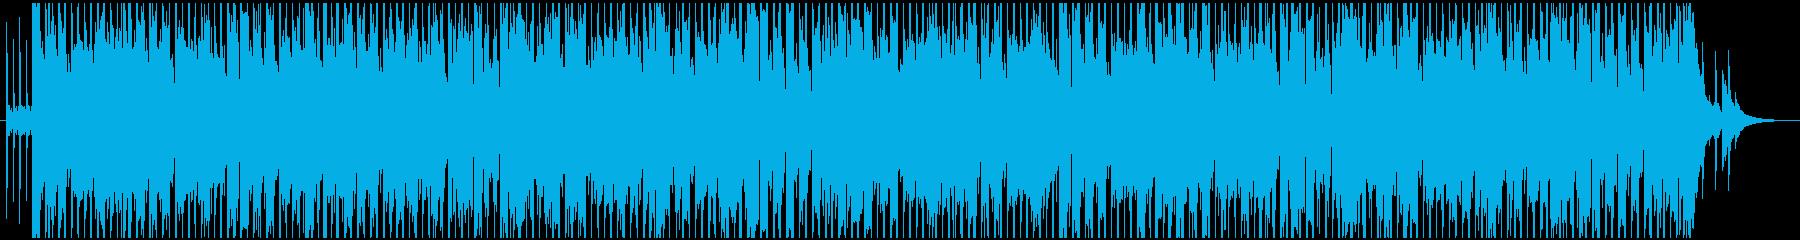 青空・笑顔・自然/ノリ爽快アコギポップスの再生済みの波形